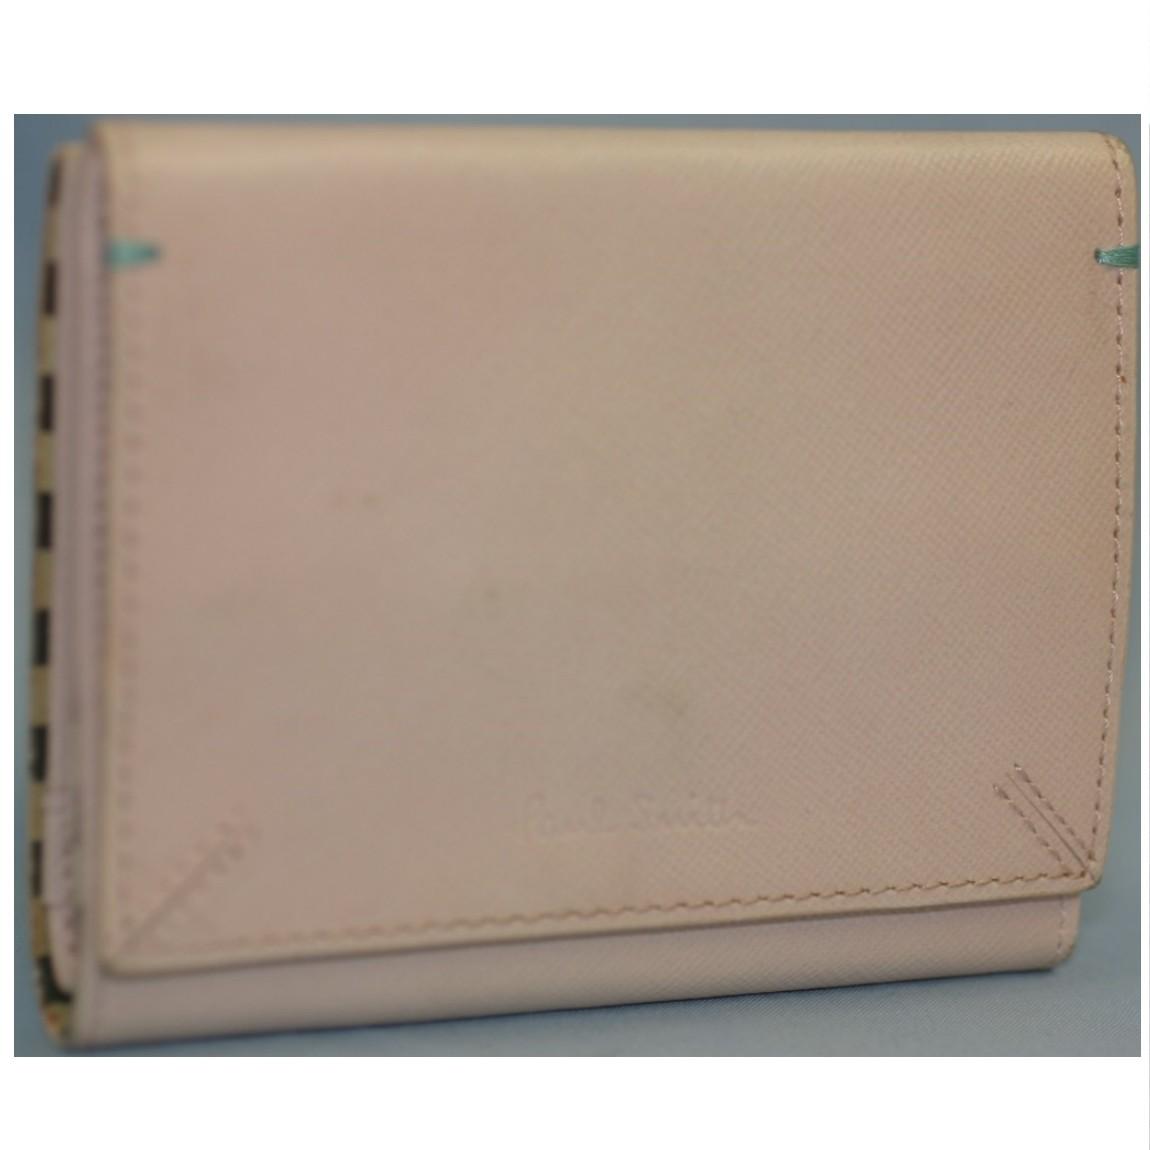 【中古】本物綺麗ポールスミス女性用パステルピンク12x8センチ可愛いWホックの財布